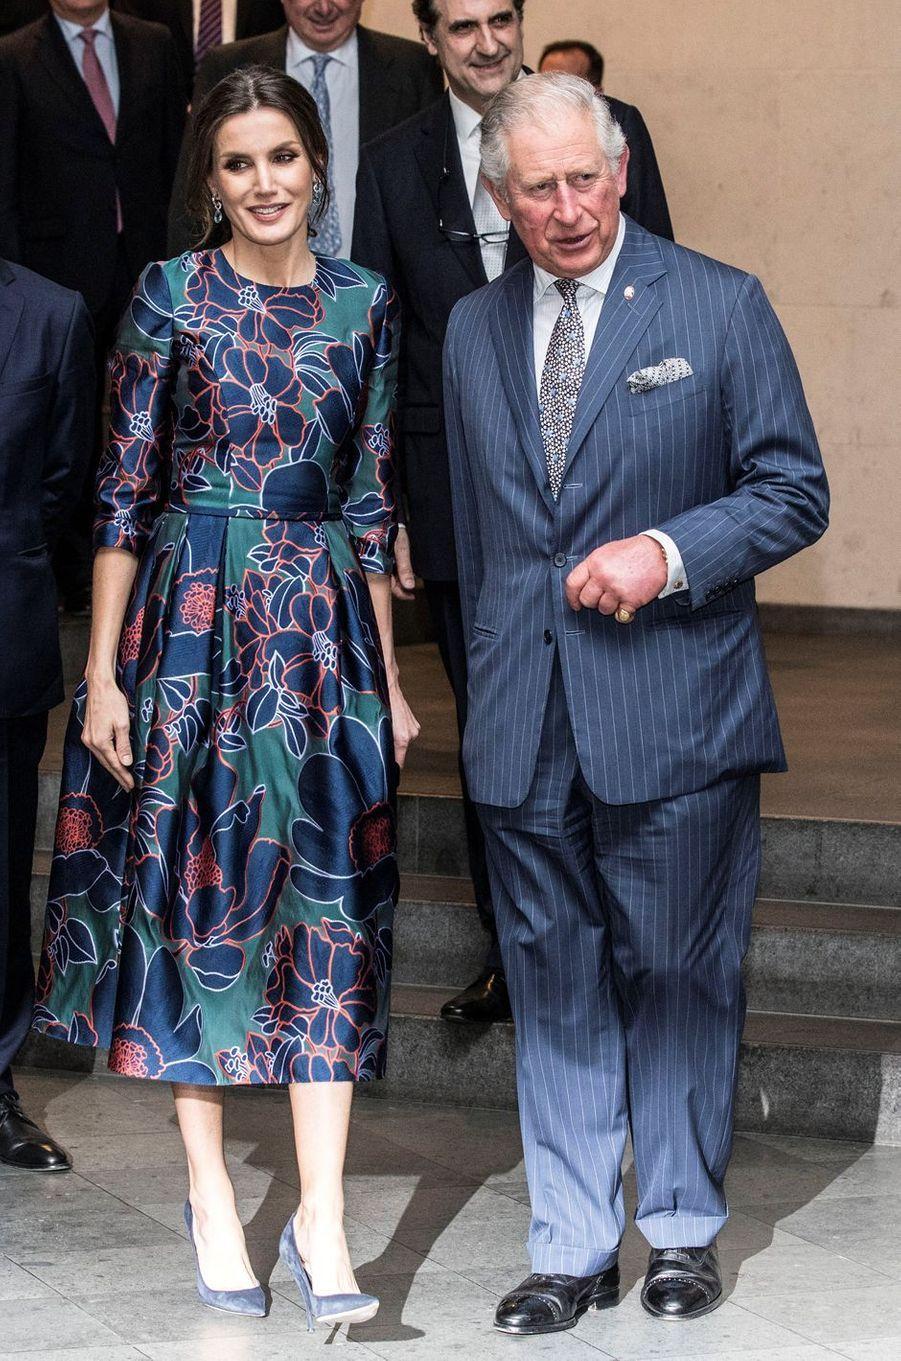 La reine Letizia d'Espagne et le prince Charles d'Angleterre à Londres, le 13 mars 2019